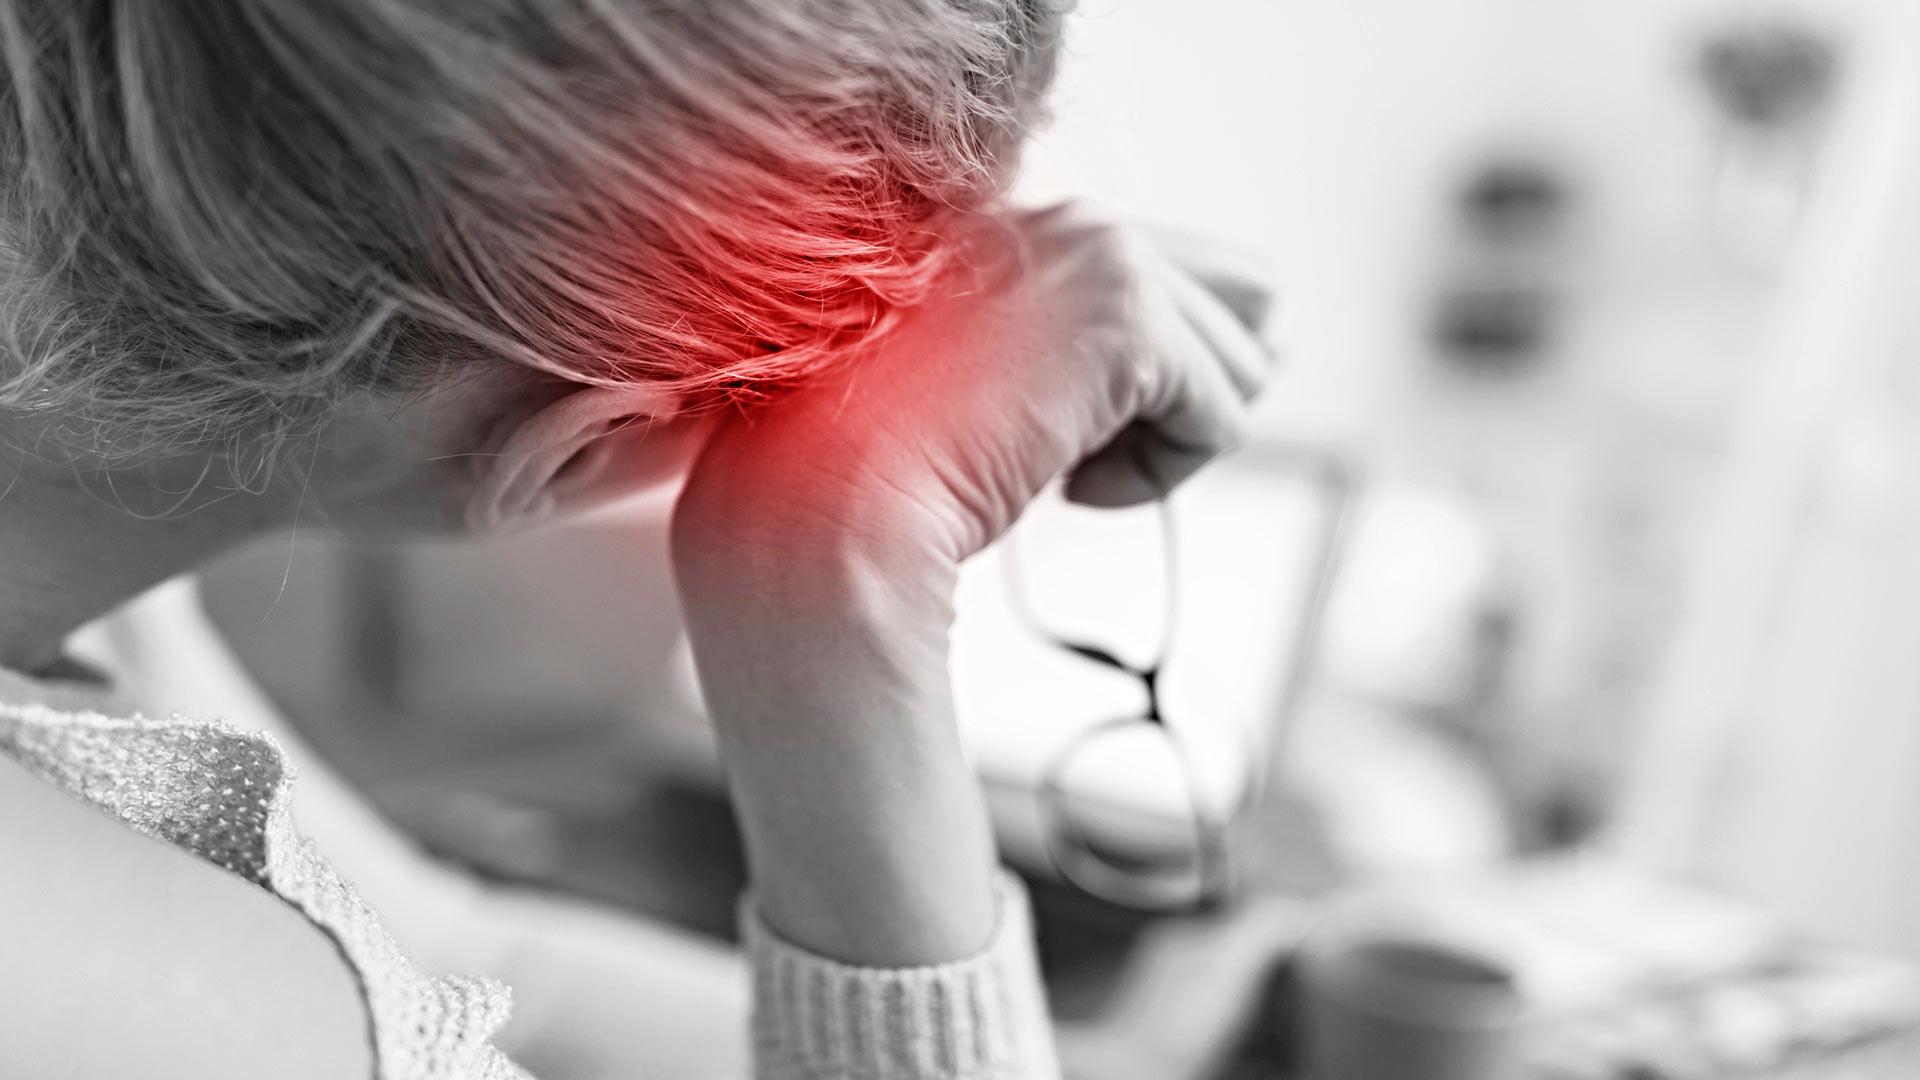 Päänsärky on hyvin harvoin vaarallinen vaiva.